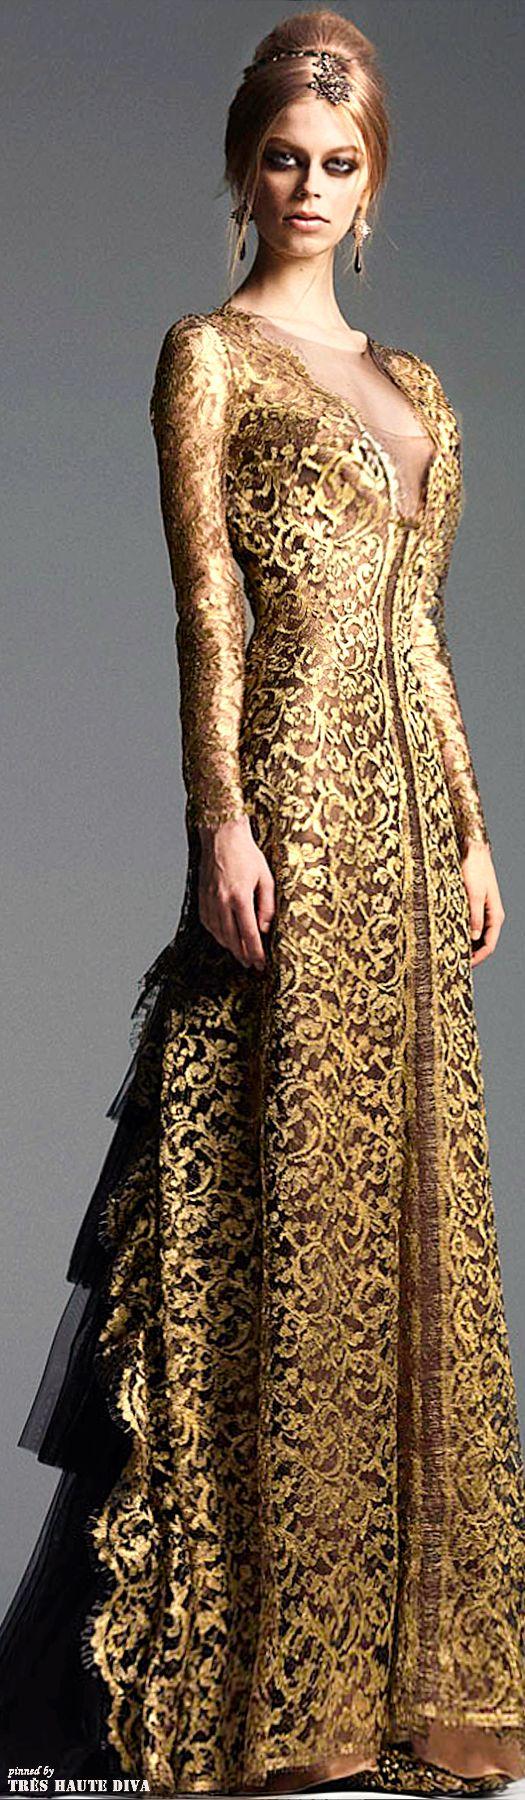 Alberta ferretti ladyluxurydesigns beautiful high fashion